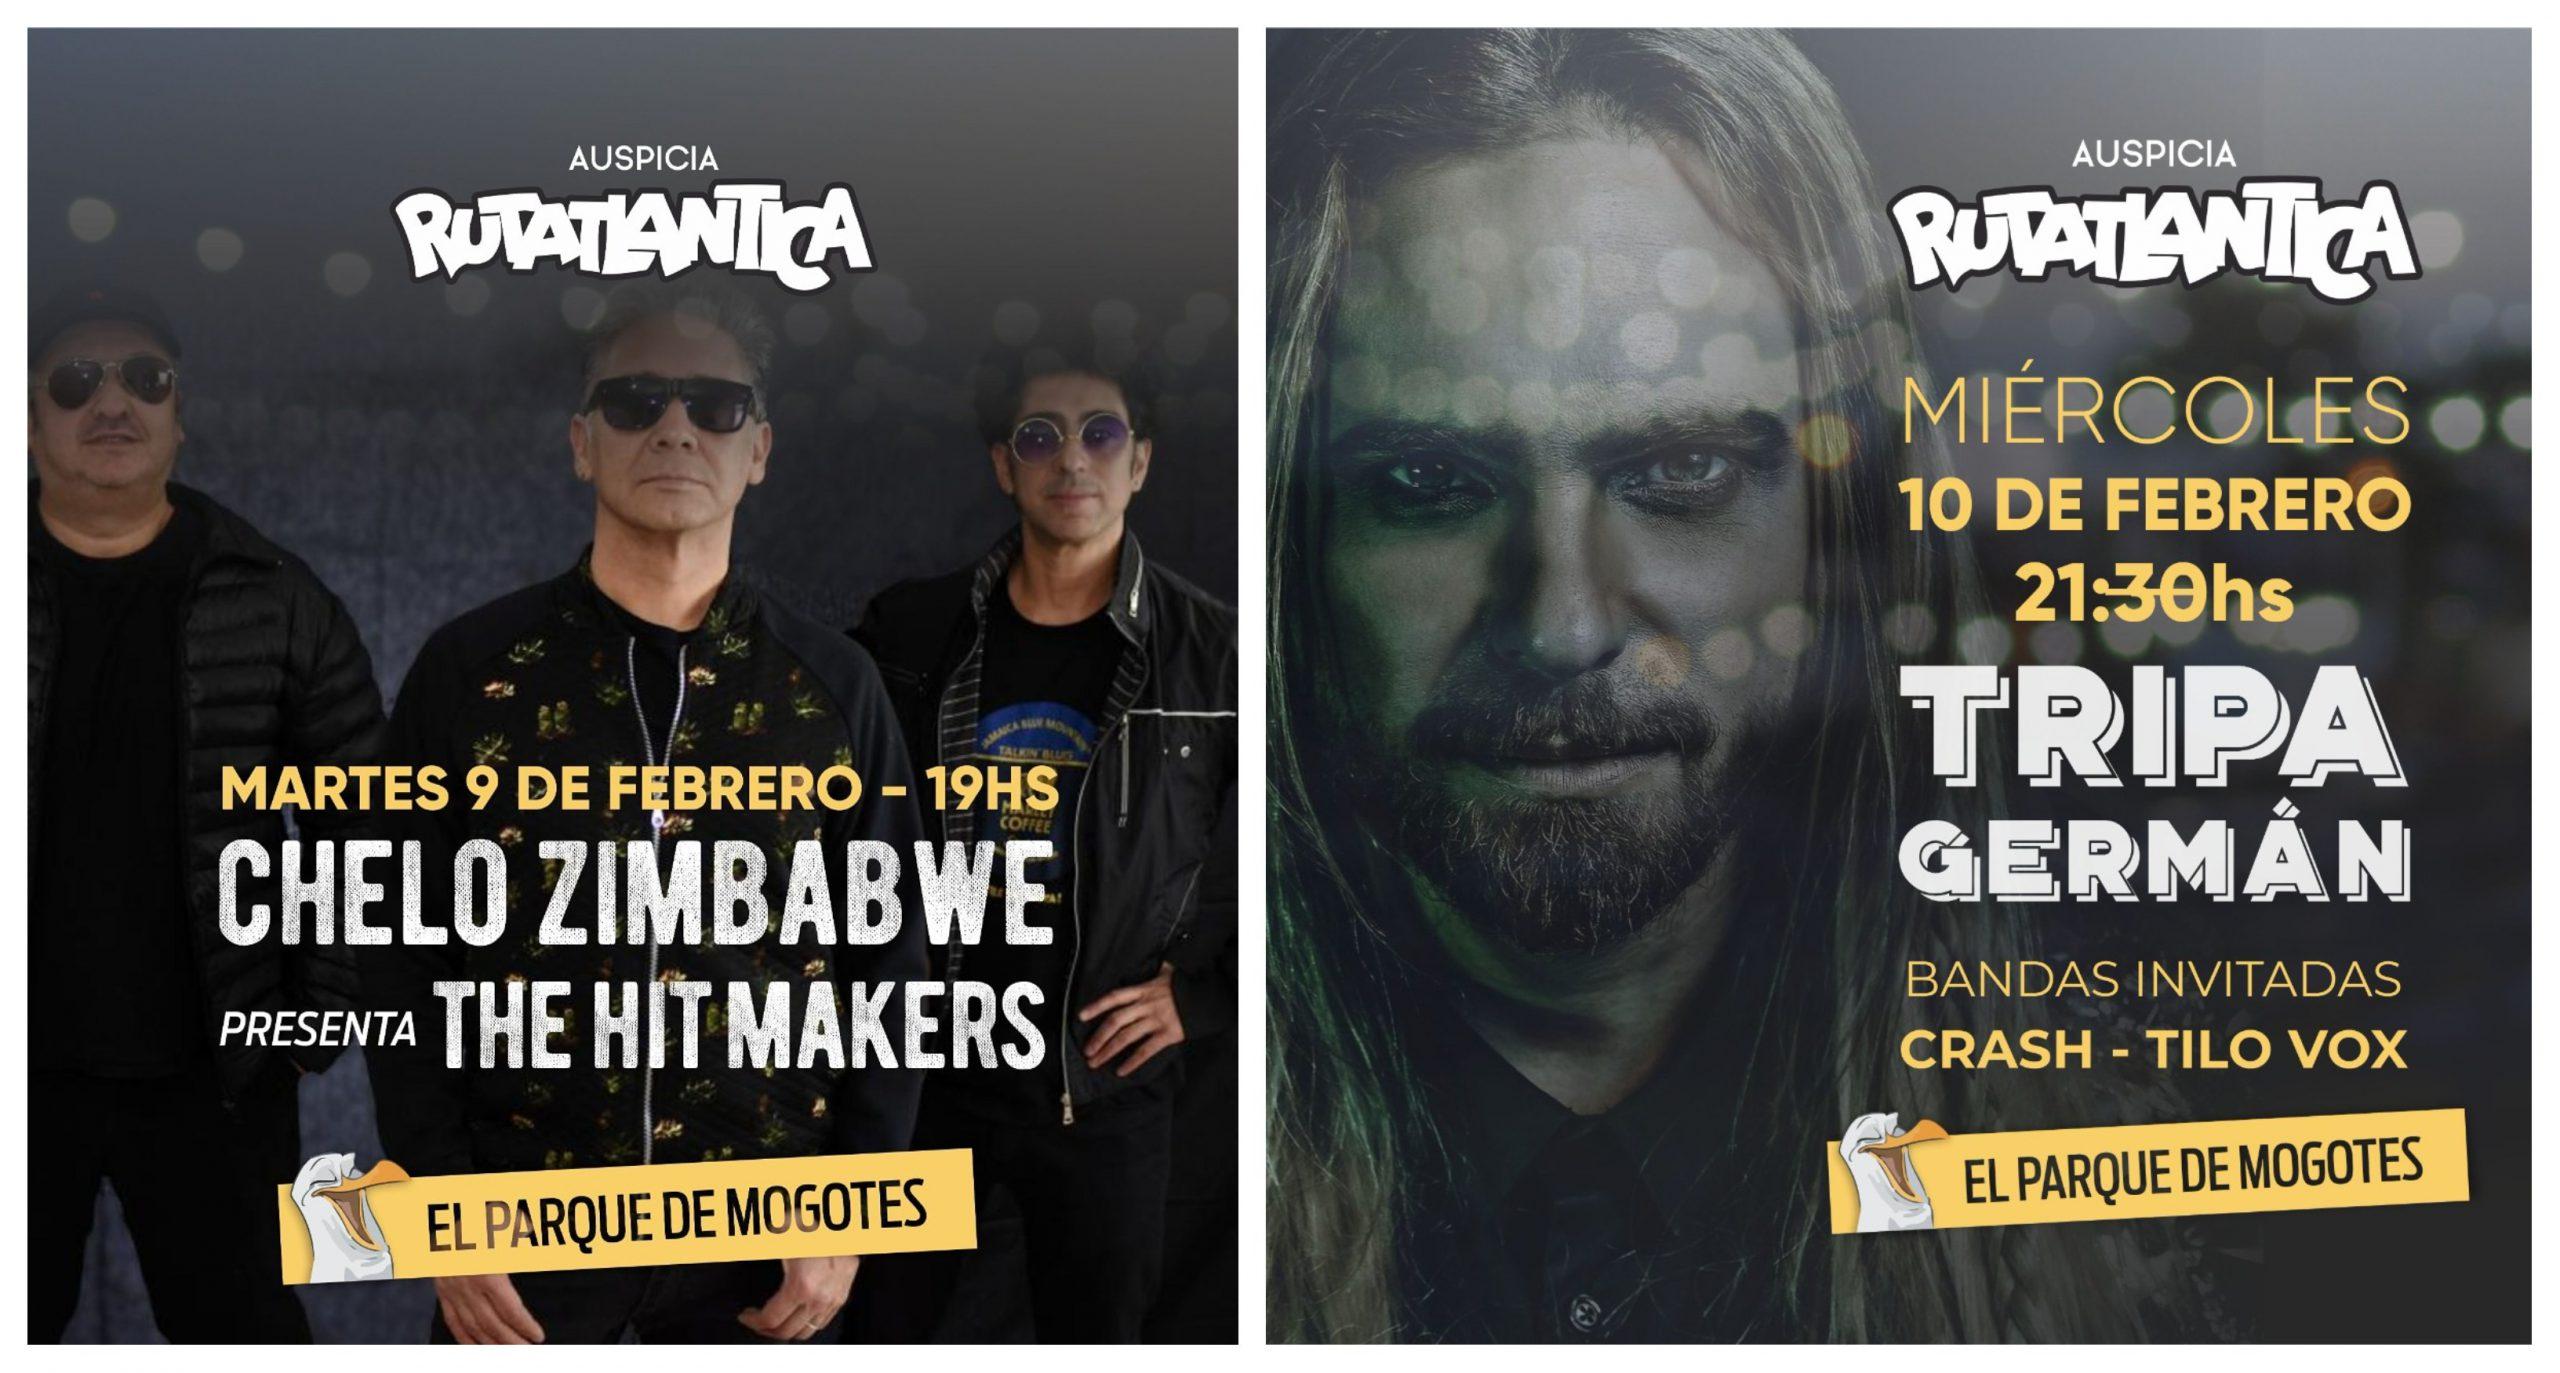 """El """"Chelo"""" y Germán """"Tripa"""" Tripel: reggae y rock en el Parque de Mogotes"""